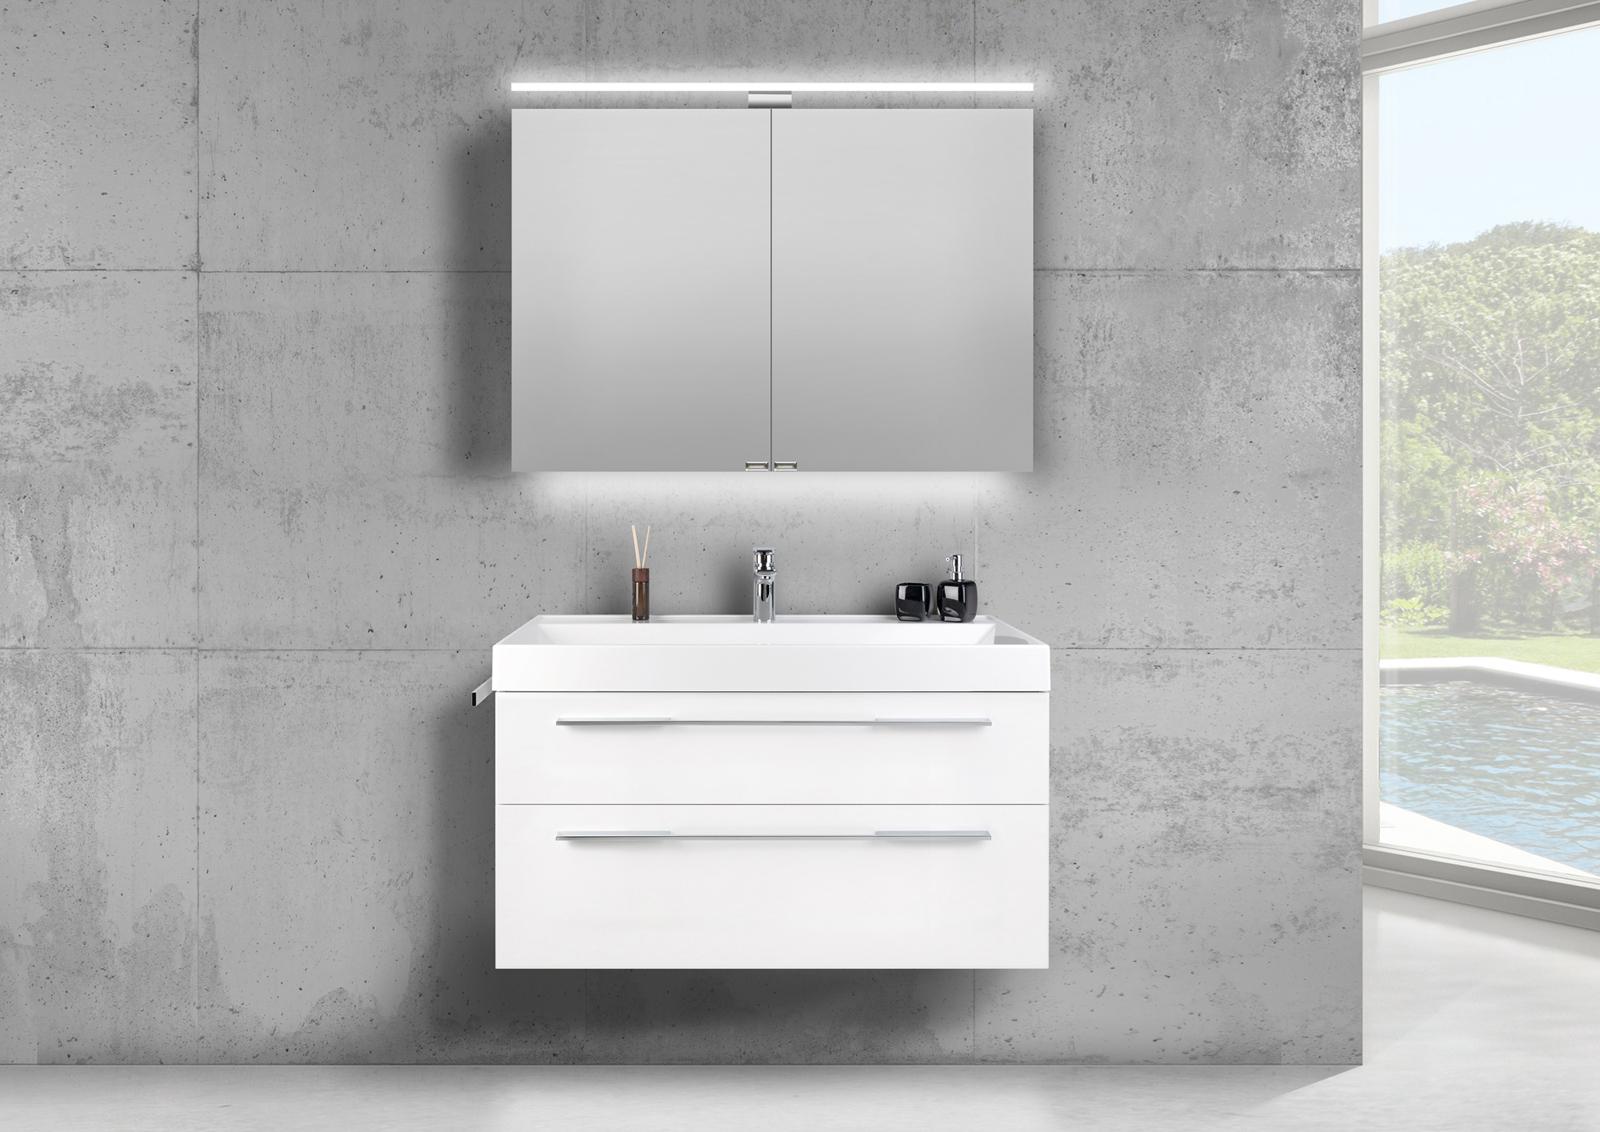 badm bel set 100 cm doppelwaschtisch evermite mit spiegelschrank led wei hg. Black Bedroom Furniture Sets. Home Design Ideas